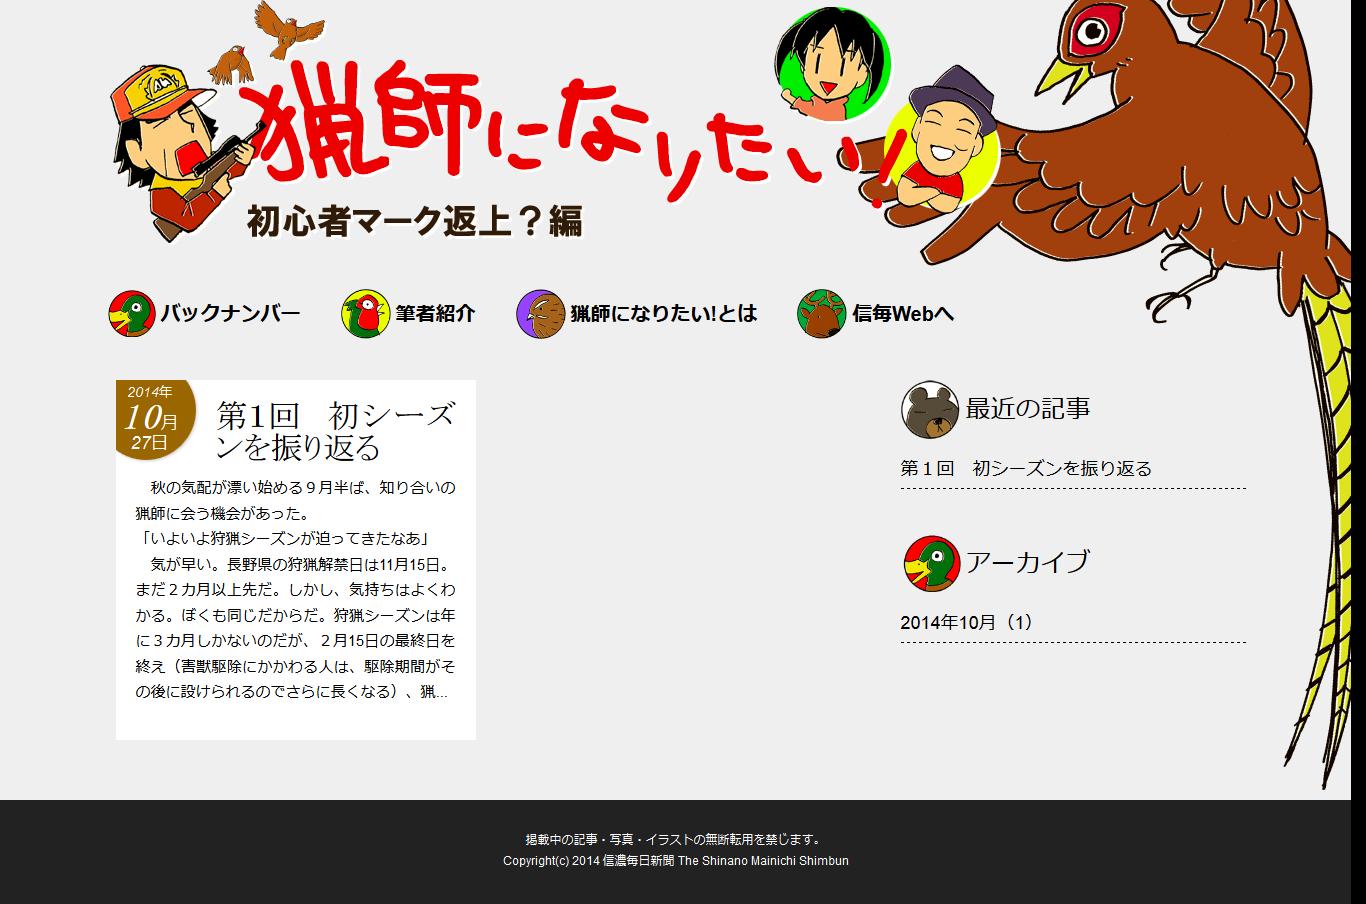 http://www2.shinanoji.net/ryoshi2/